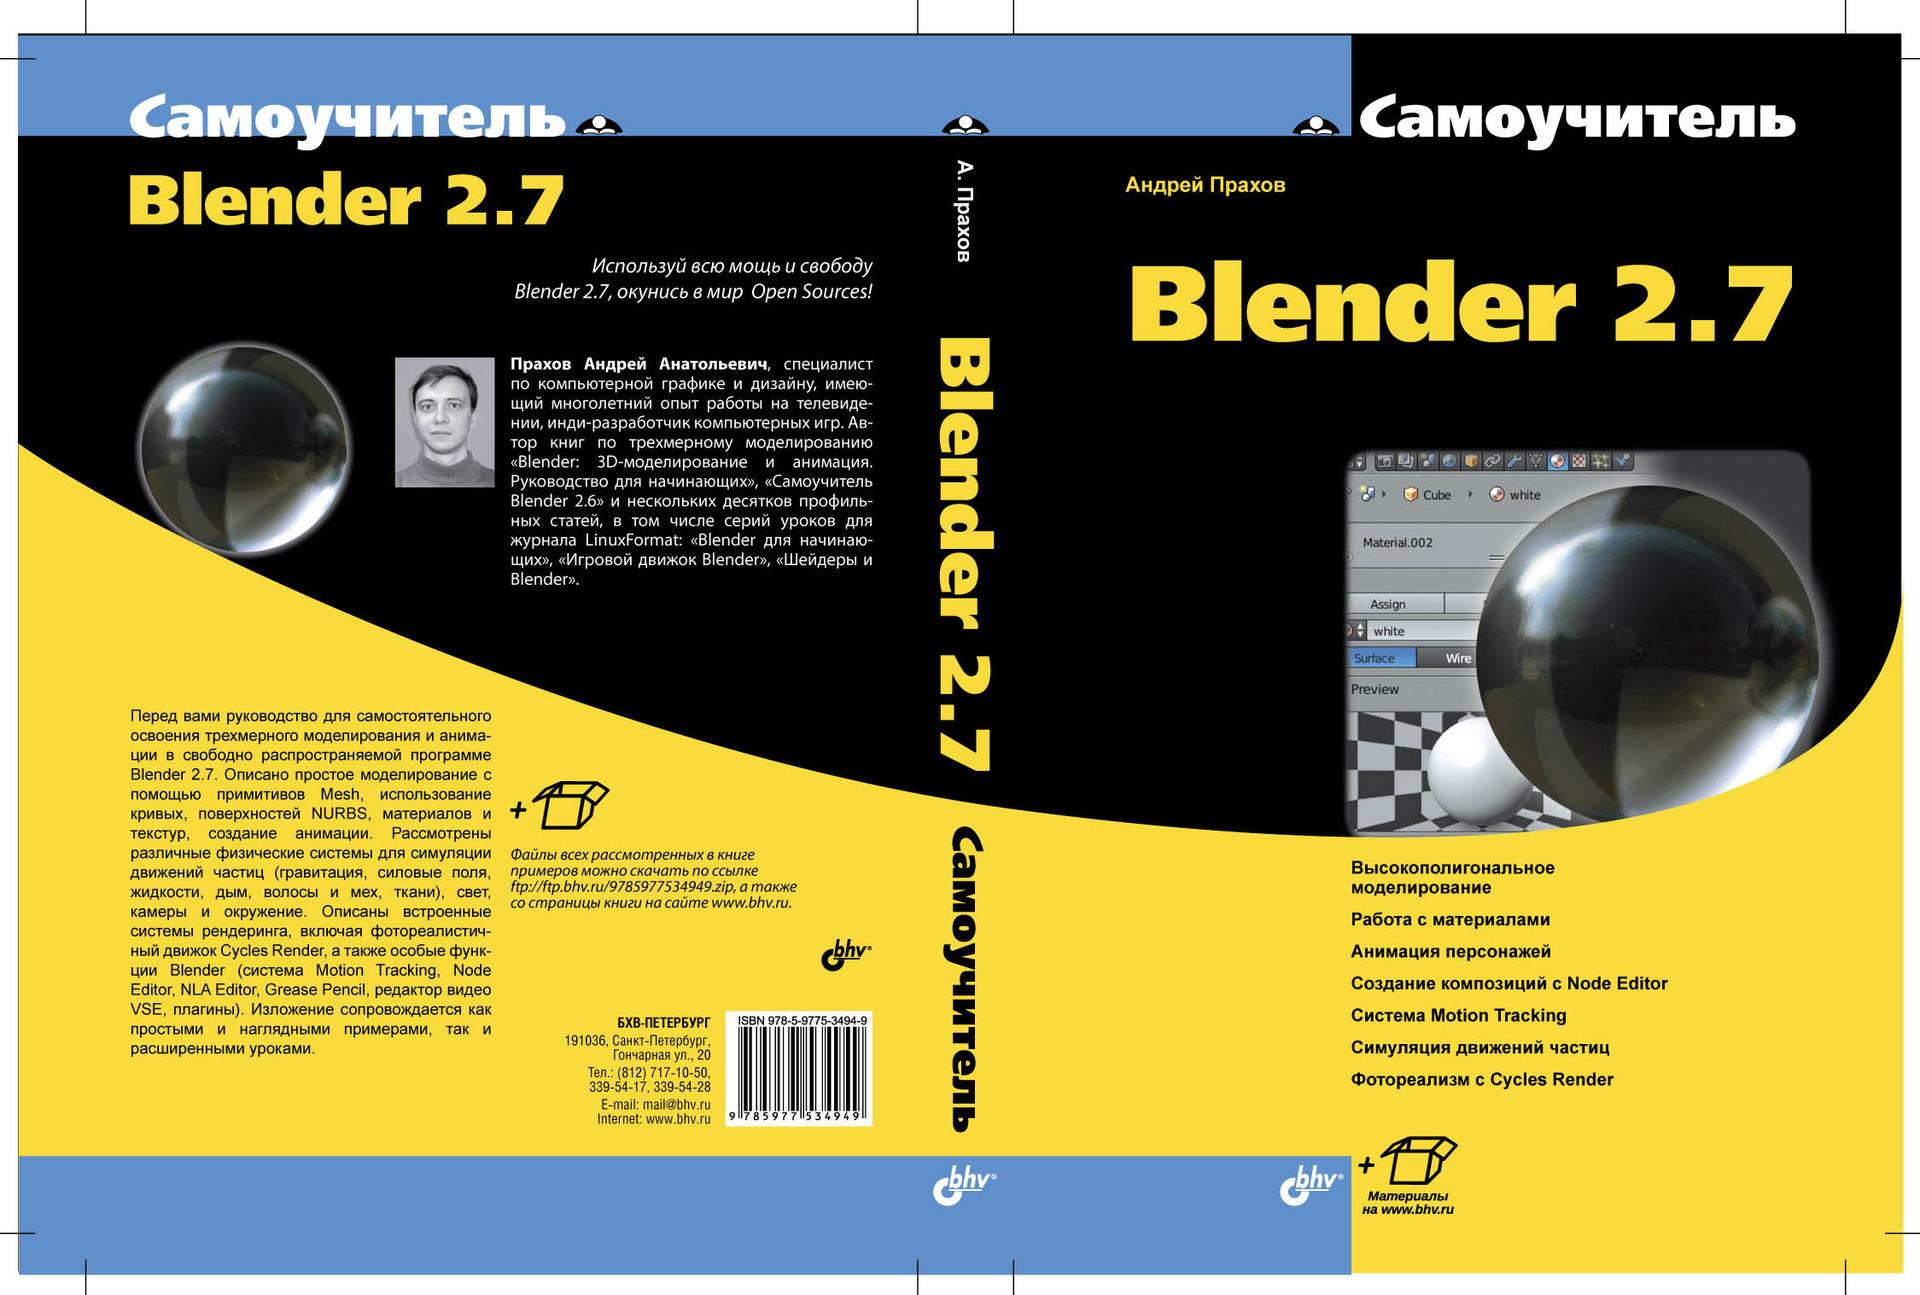 ПРАХОВ САМОУЧИТЕЛЬ BLENDER 2.7 СКАЧАТЬ БЕСПЛАТНО